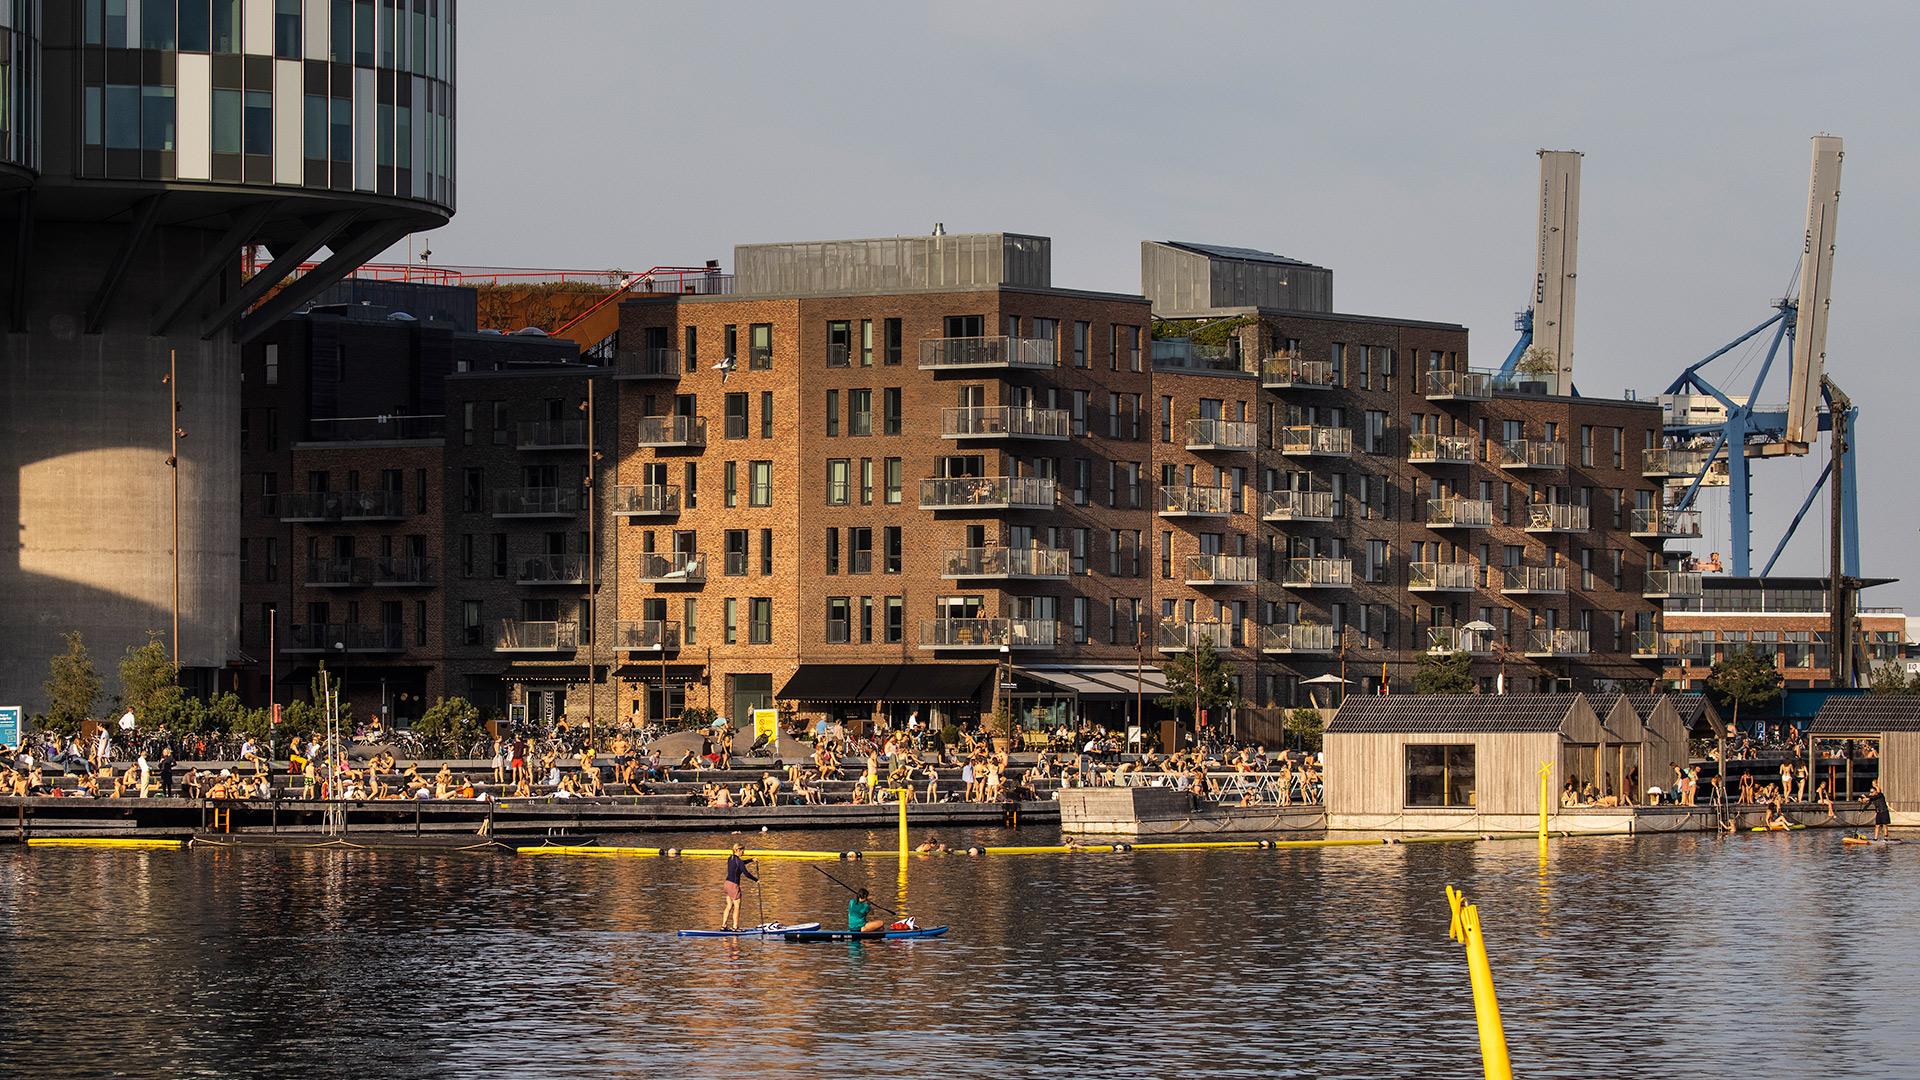 Aarhusgadekvarteret_Nordhavn_20200915_TH__Q7A9796 (2)